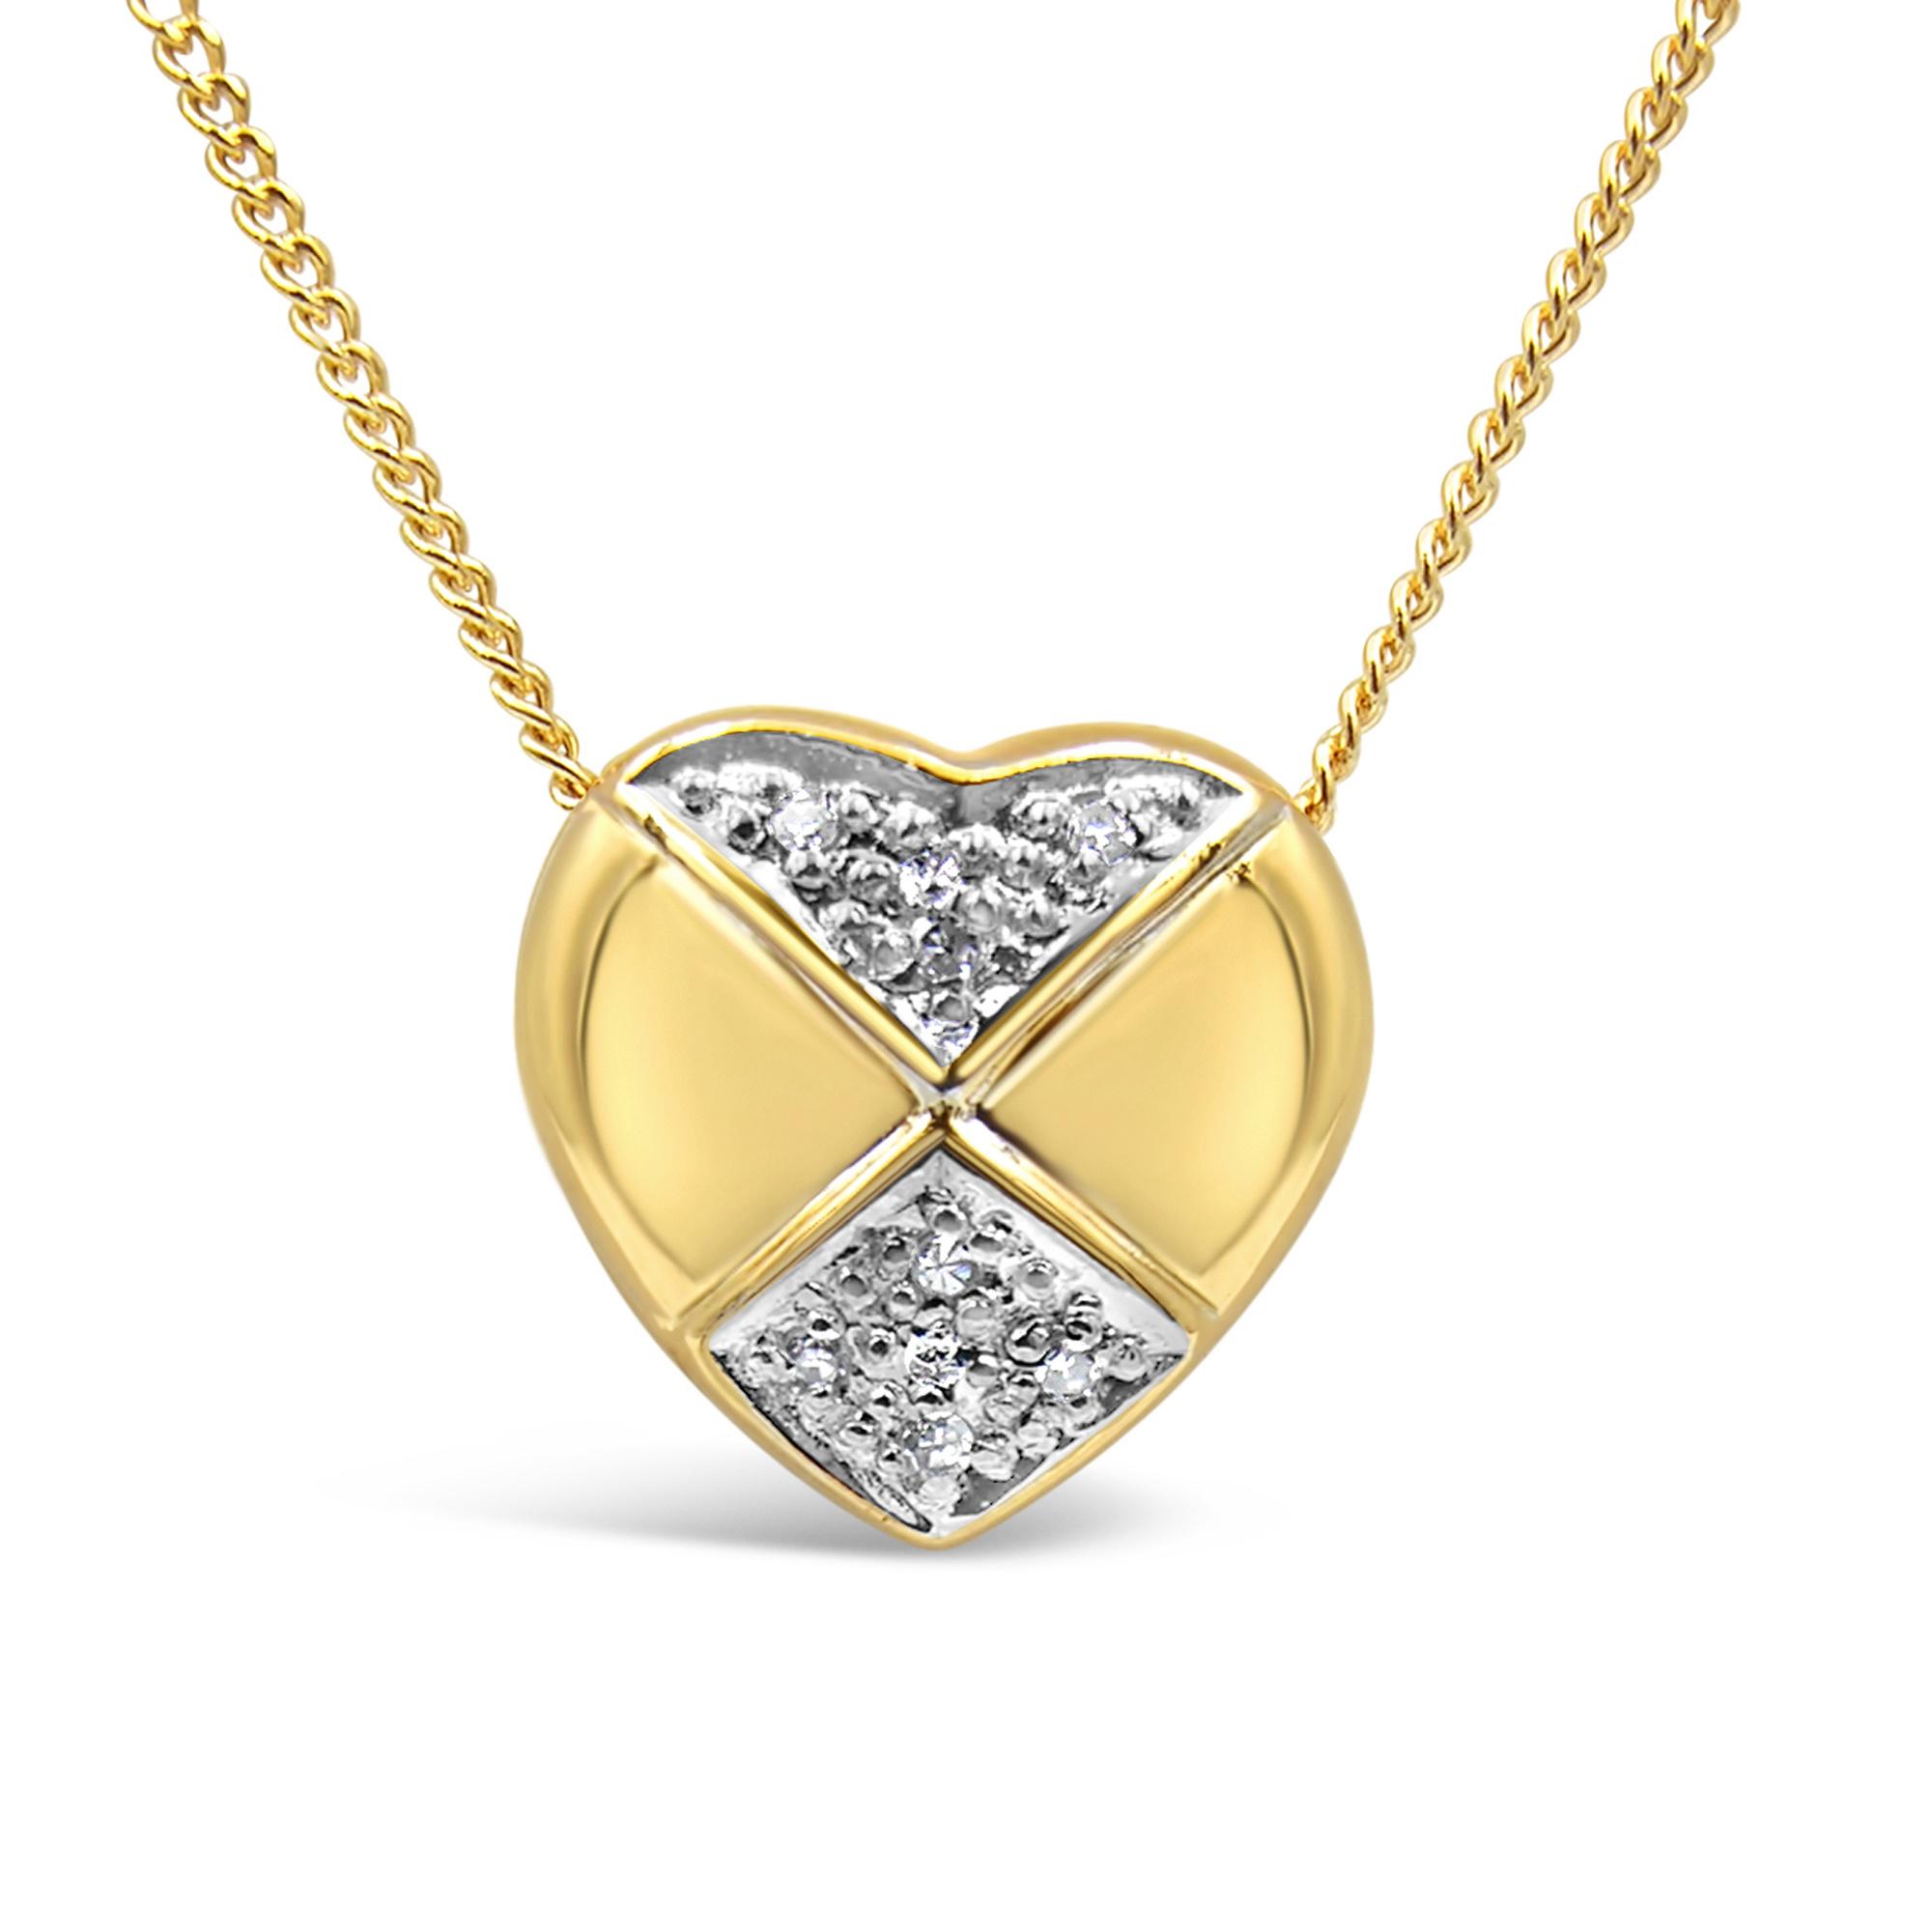 18kt geel & wit goud hart hanger met 0.04 ct diamanten